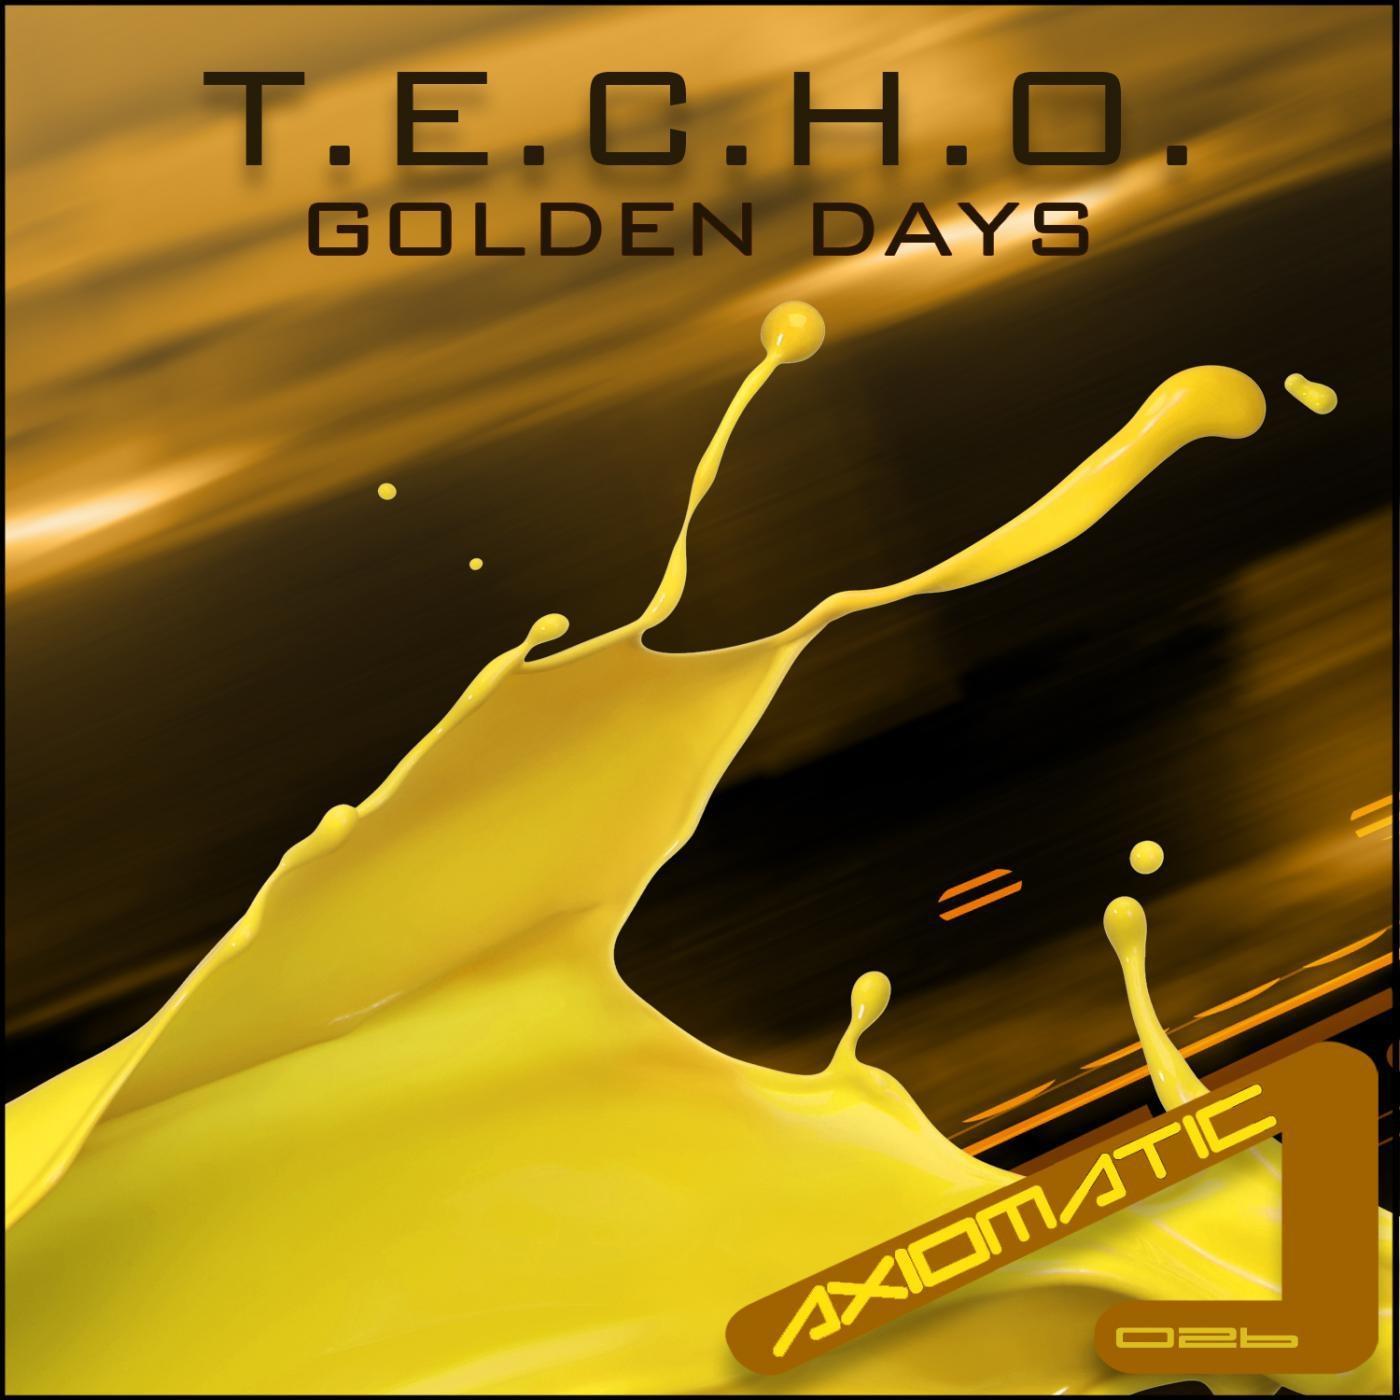 T.E.C.H.O. - Shapes (Original mix)